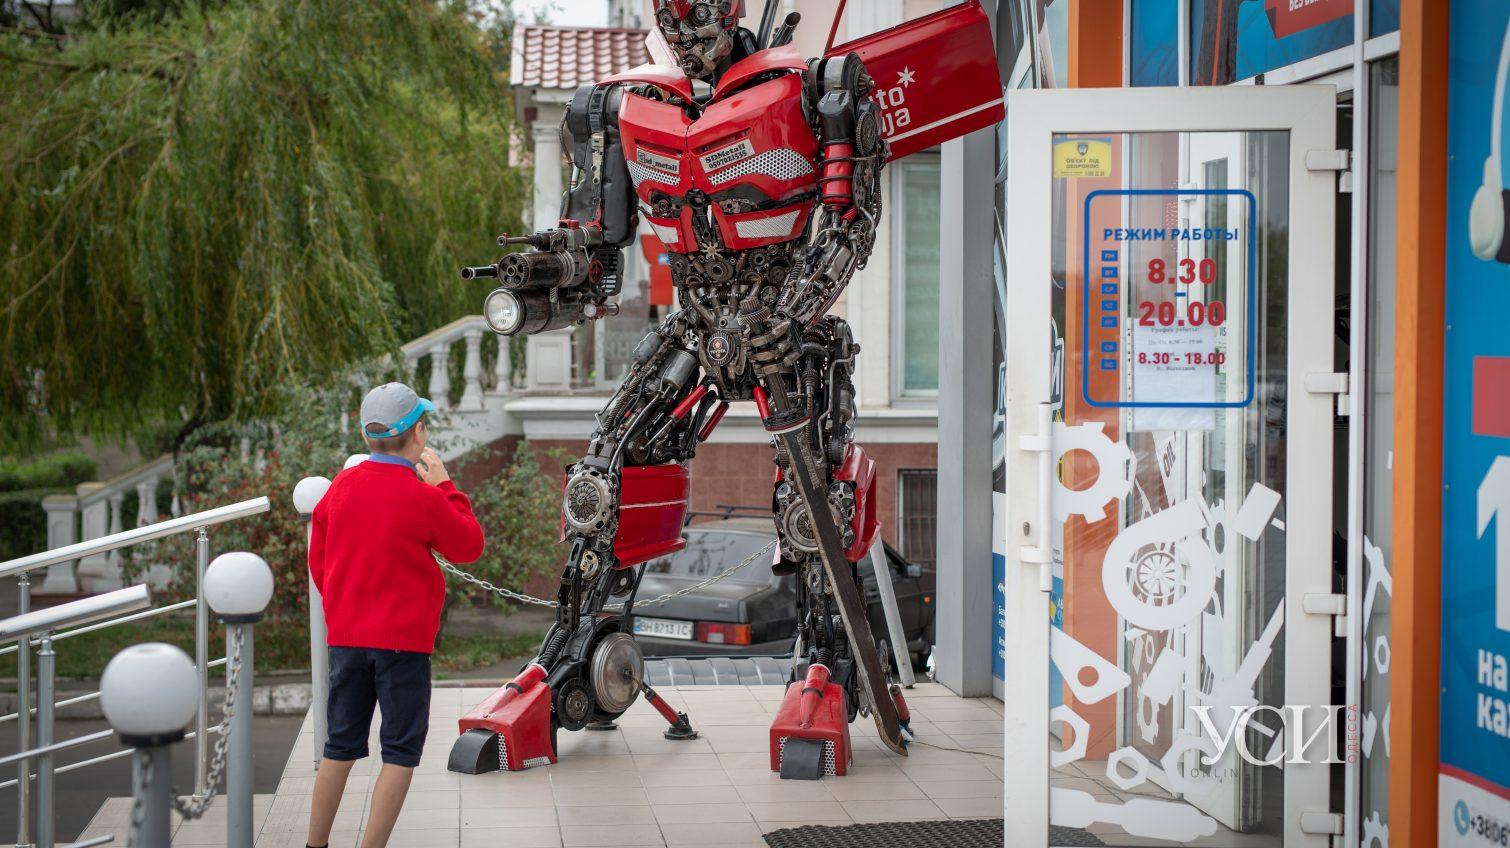 Настоящий трансформер из автохлама появился на Балковской «фото»